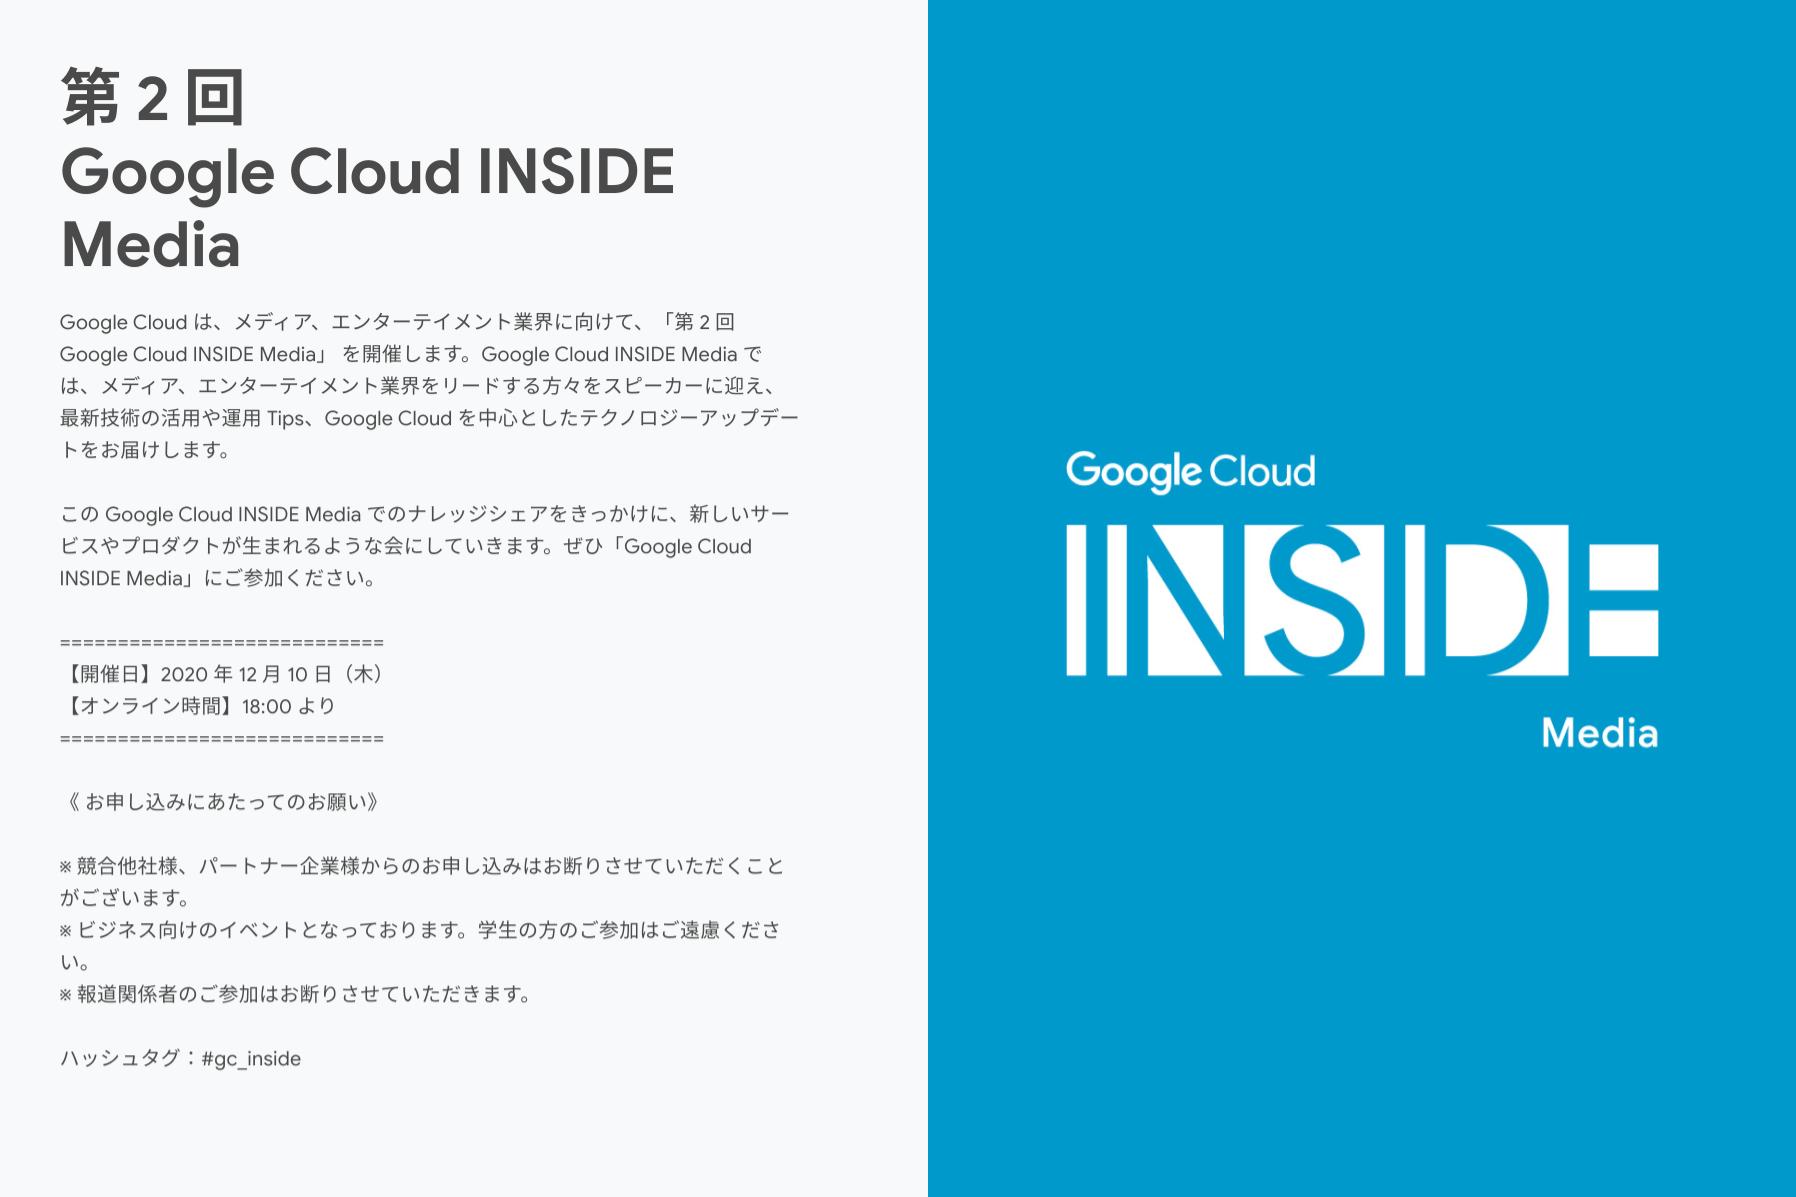 第 2 回 Google Cloud INSIDE Media